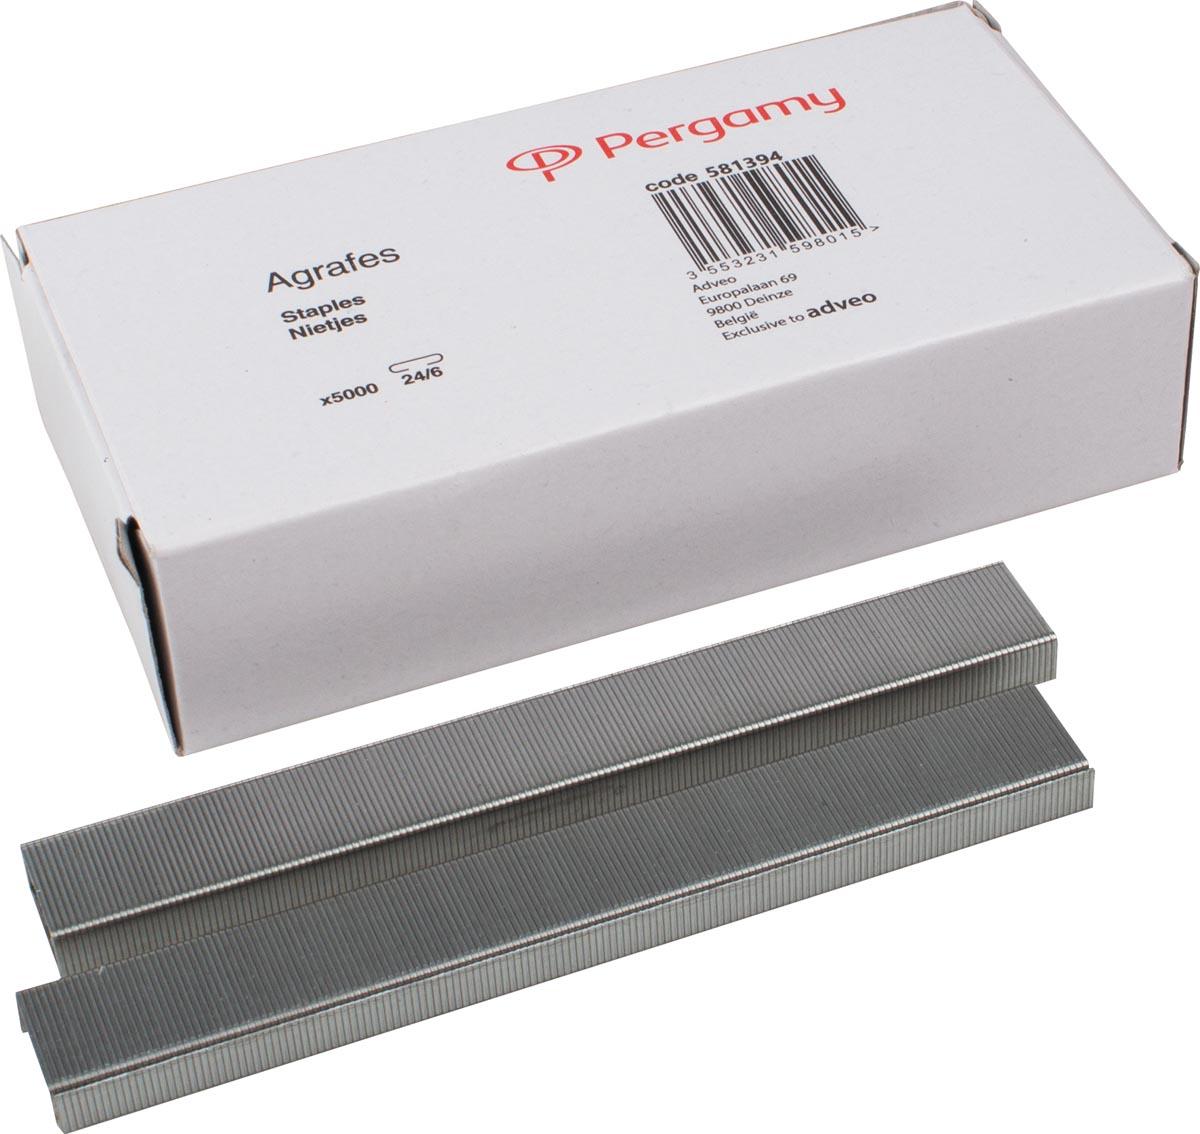 Pergamy nietjes 24/6, verzinkt, doos van 5.000 nietjes